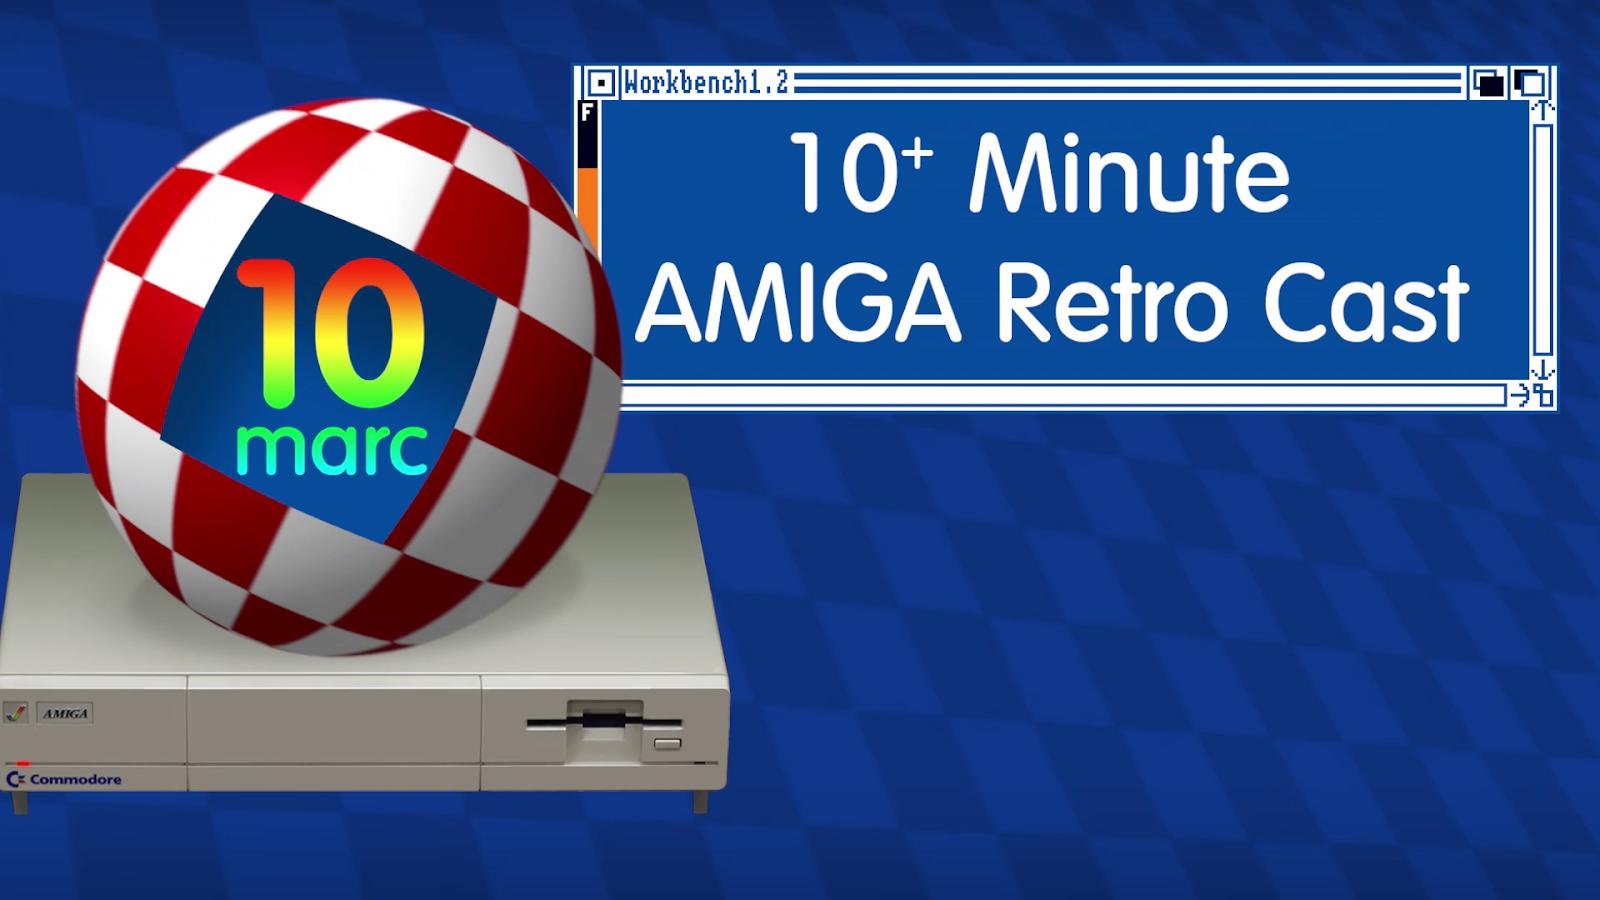 10 Minute Amiga Retro Cast